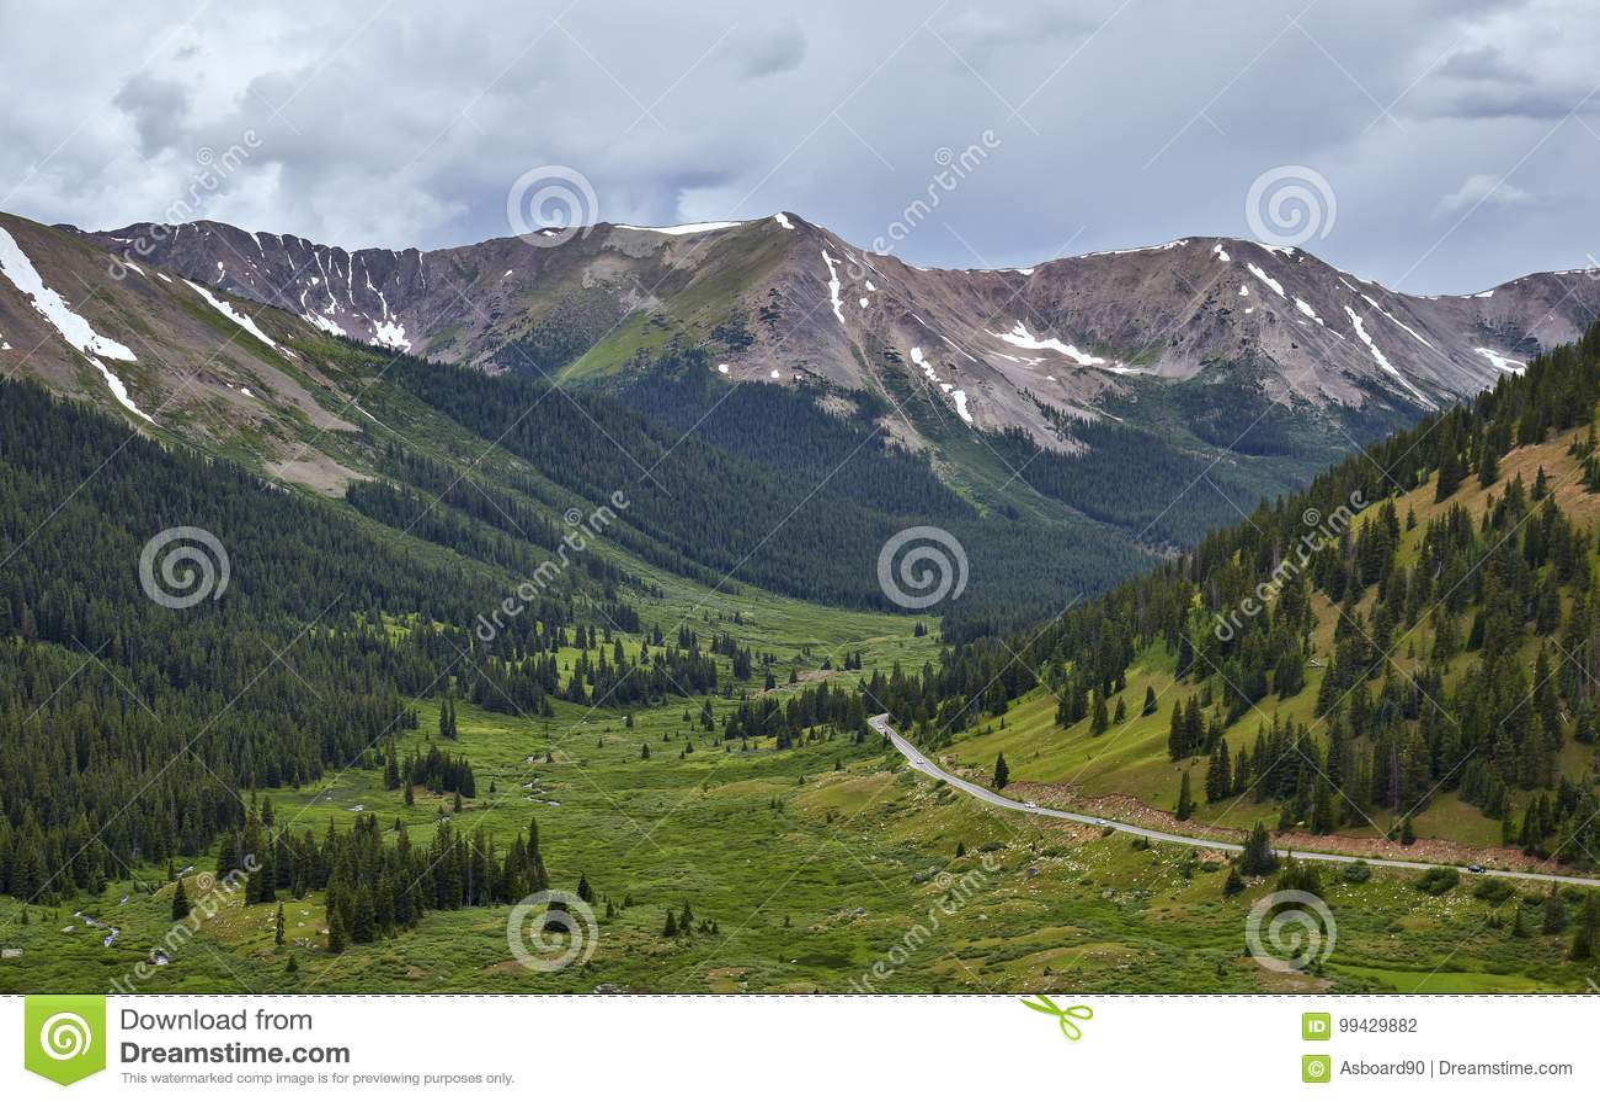 Passage de l indépendance, le Colorado